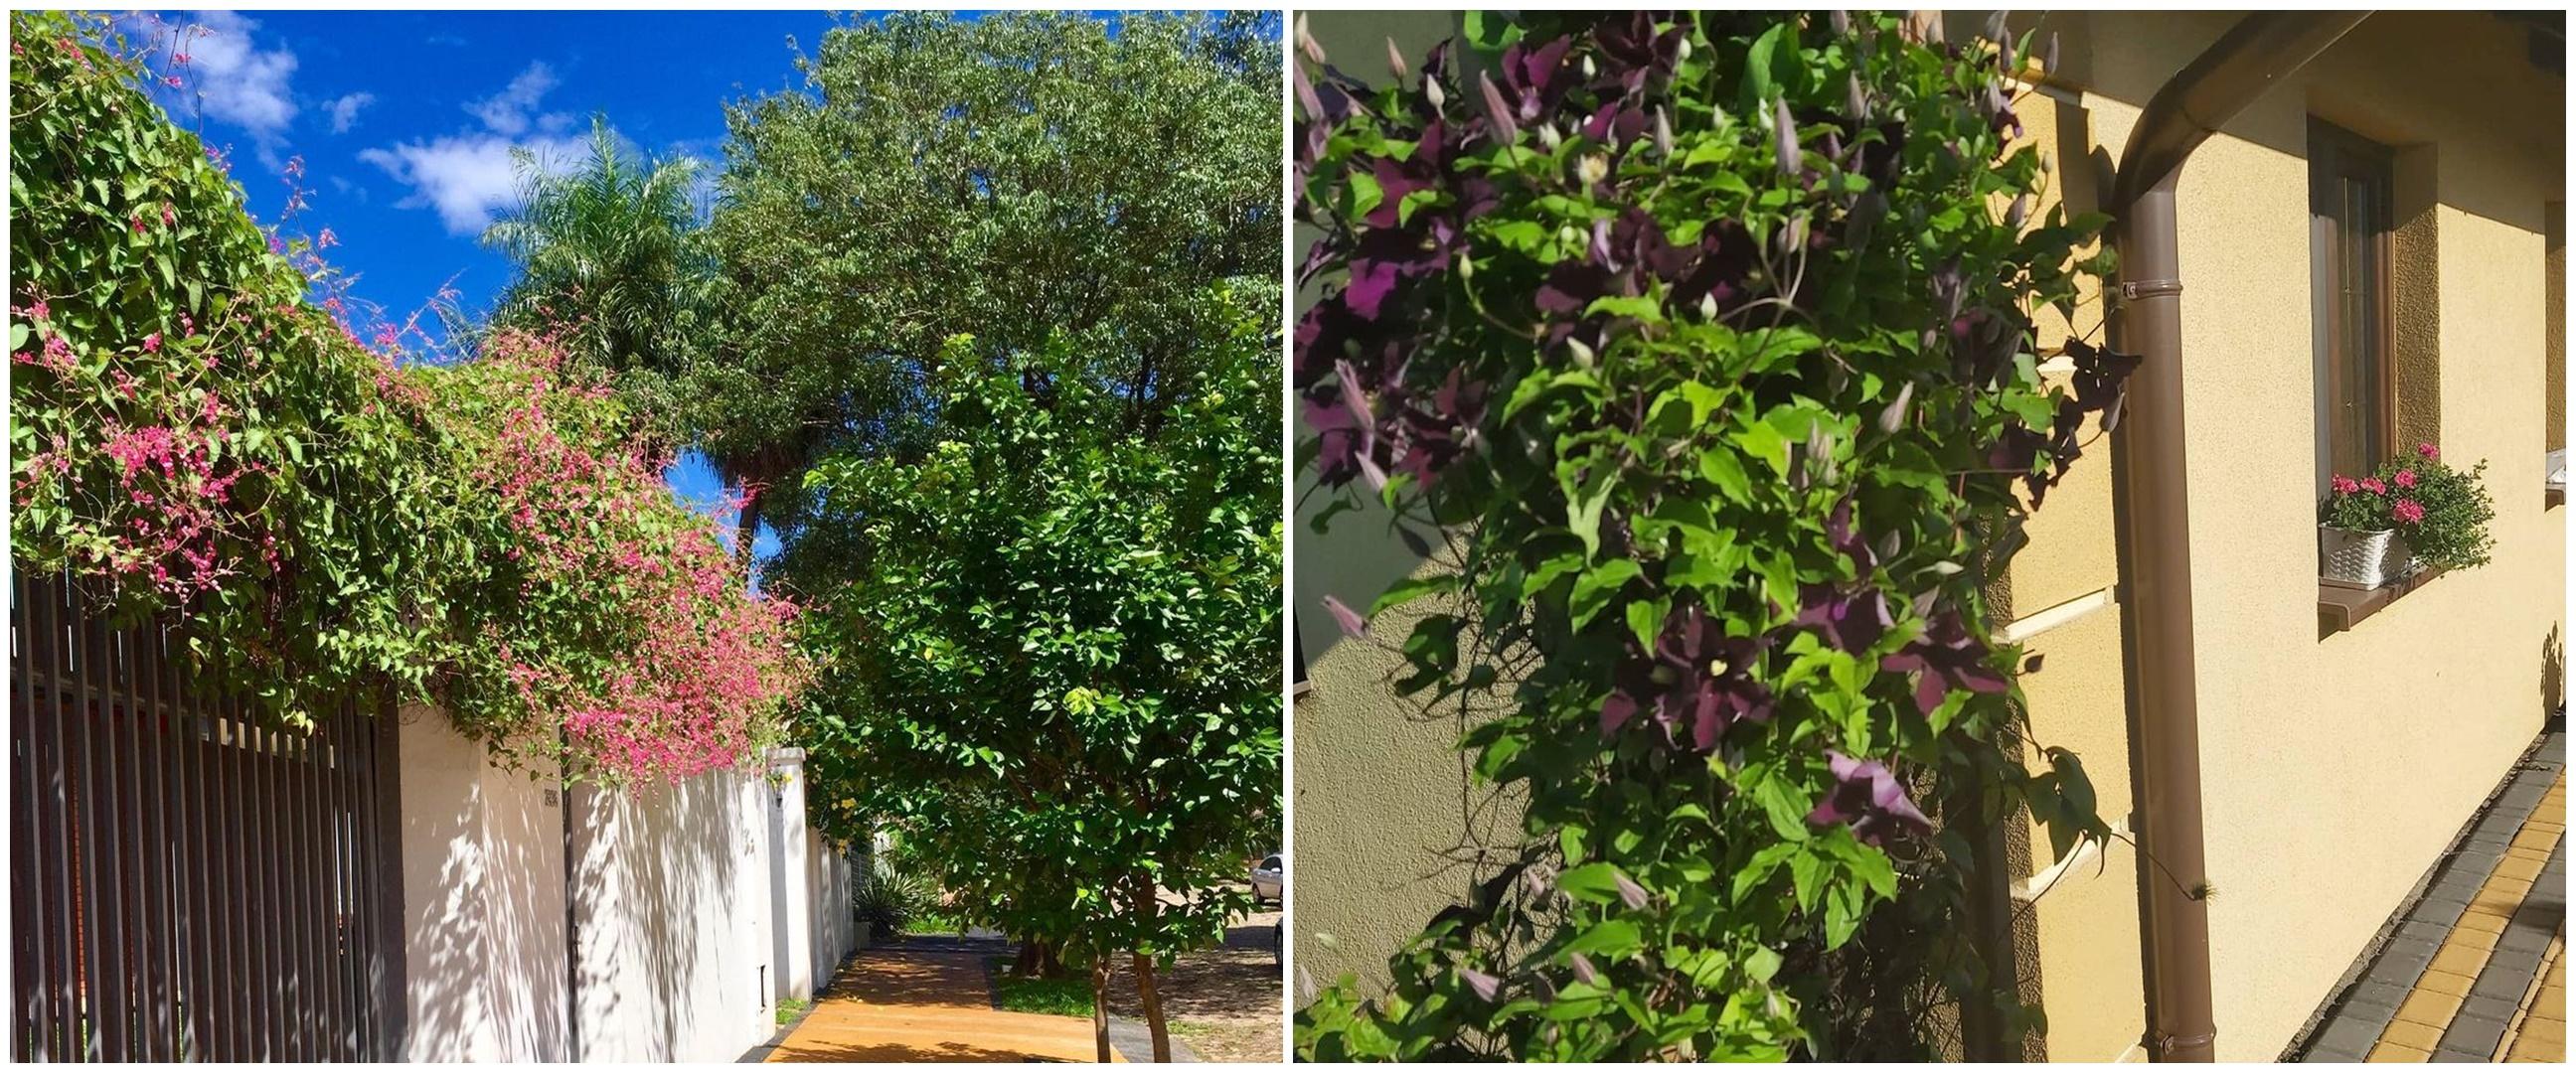 10 Tanaman hias daun untuk pagar, bikin rumah makin sejuk